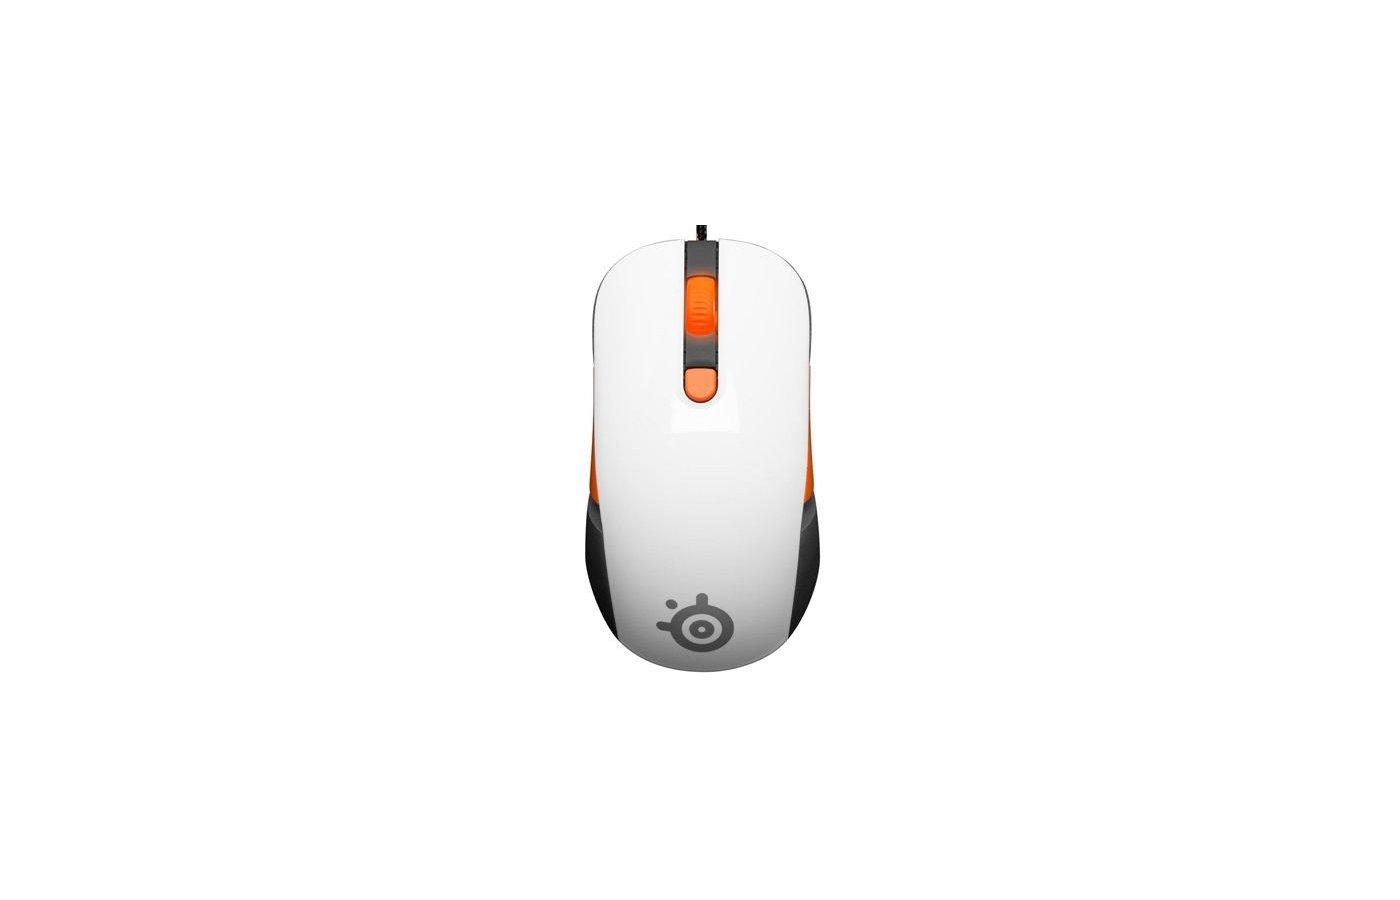 Мышь проводная Steelseries Kana v2 белый оптическая (6400dpi) USB игровая (5but)